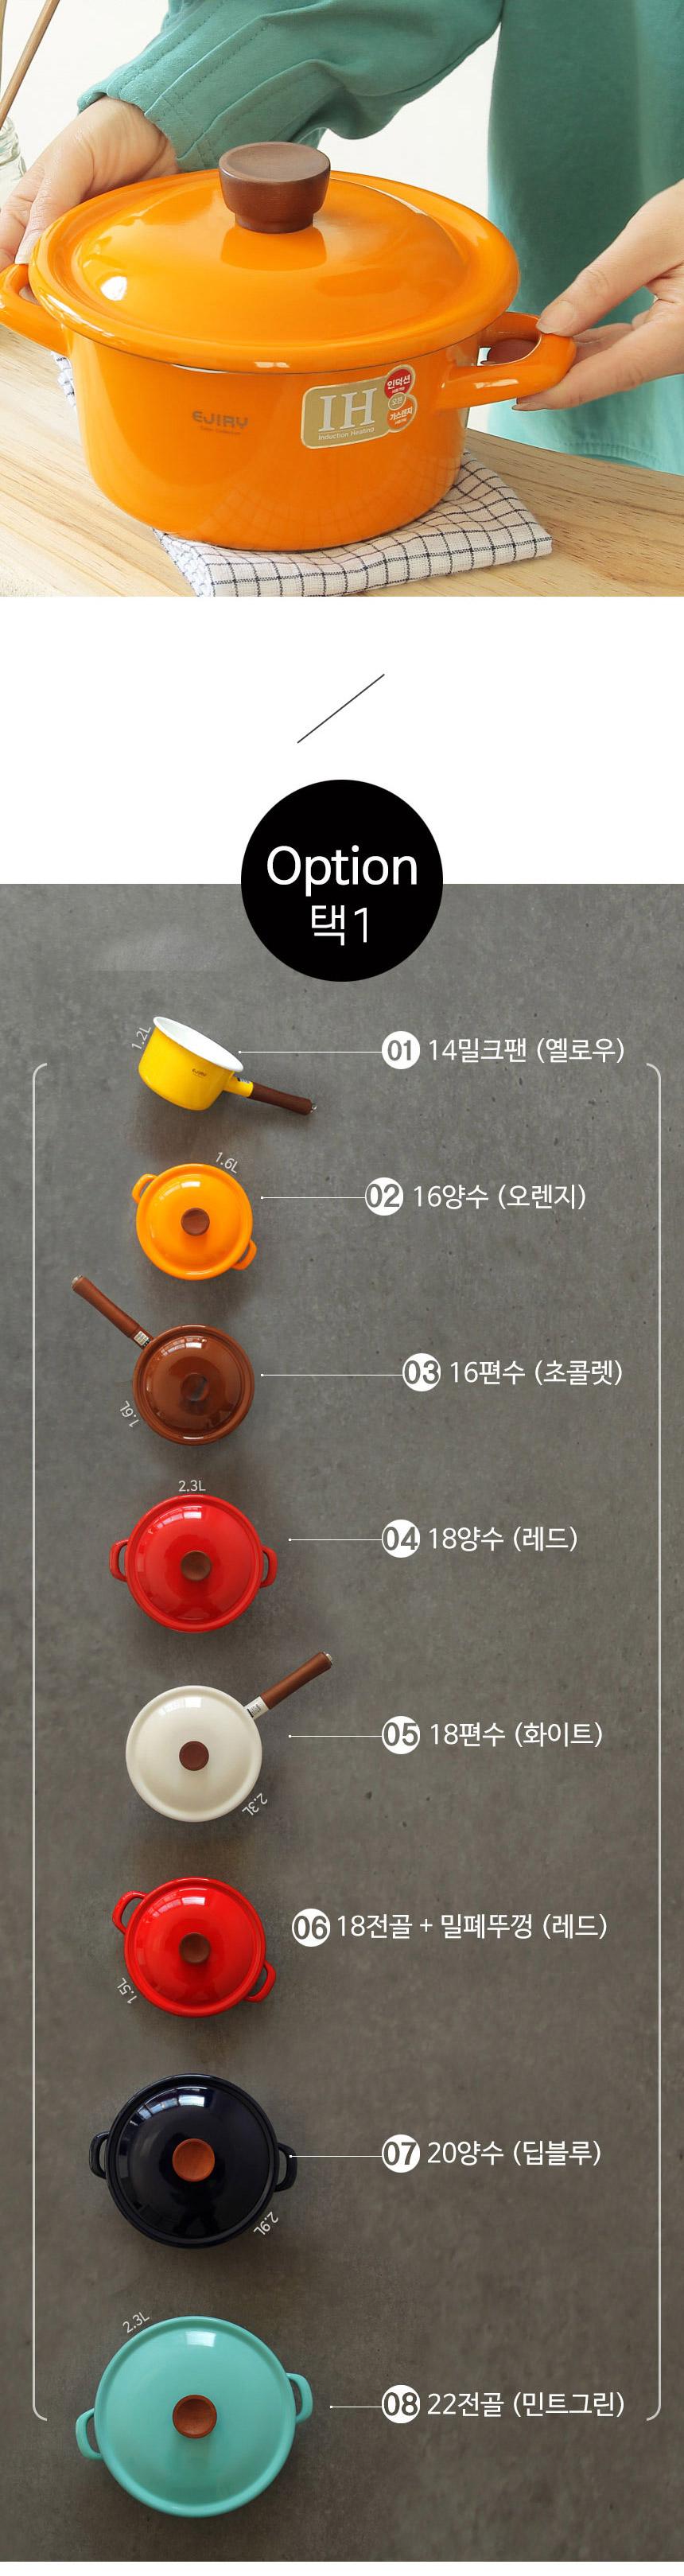 일본 에지리 컬러콜렉션 프리미엄 법랑냄비 29,000원-테이블코드주방/푸드, 조리도구/기구, 냄비, 법랑 냄비바보사랑일본 에지리 컬러콜렉션 프리미엄 법랑냄비 29,000원-테이블코드주방/푸드, 조리도구/기구, 냄비, 법랑 냄비바보사랑